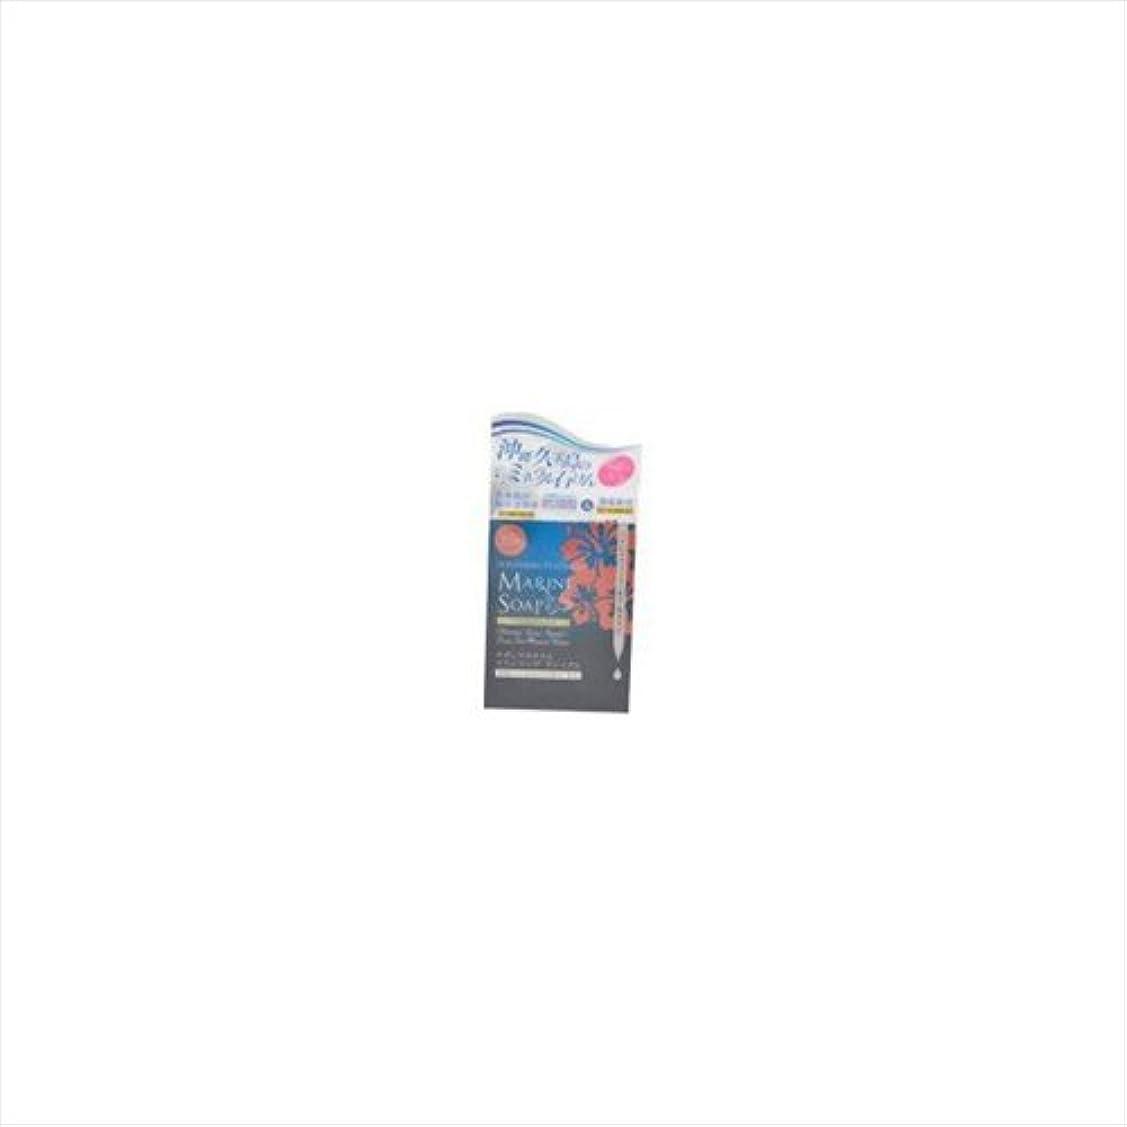 アブセイ旧正月感覚サザンプラチナム マリンソープ プレミアム 60g 泡立てネット付